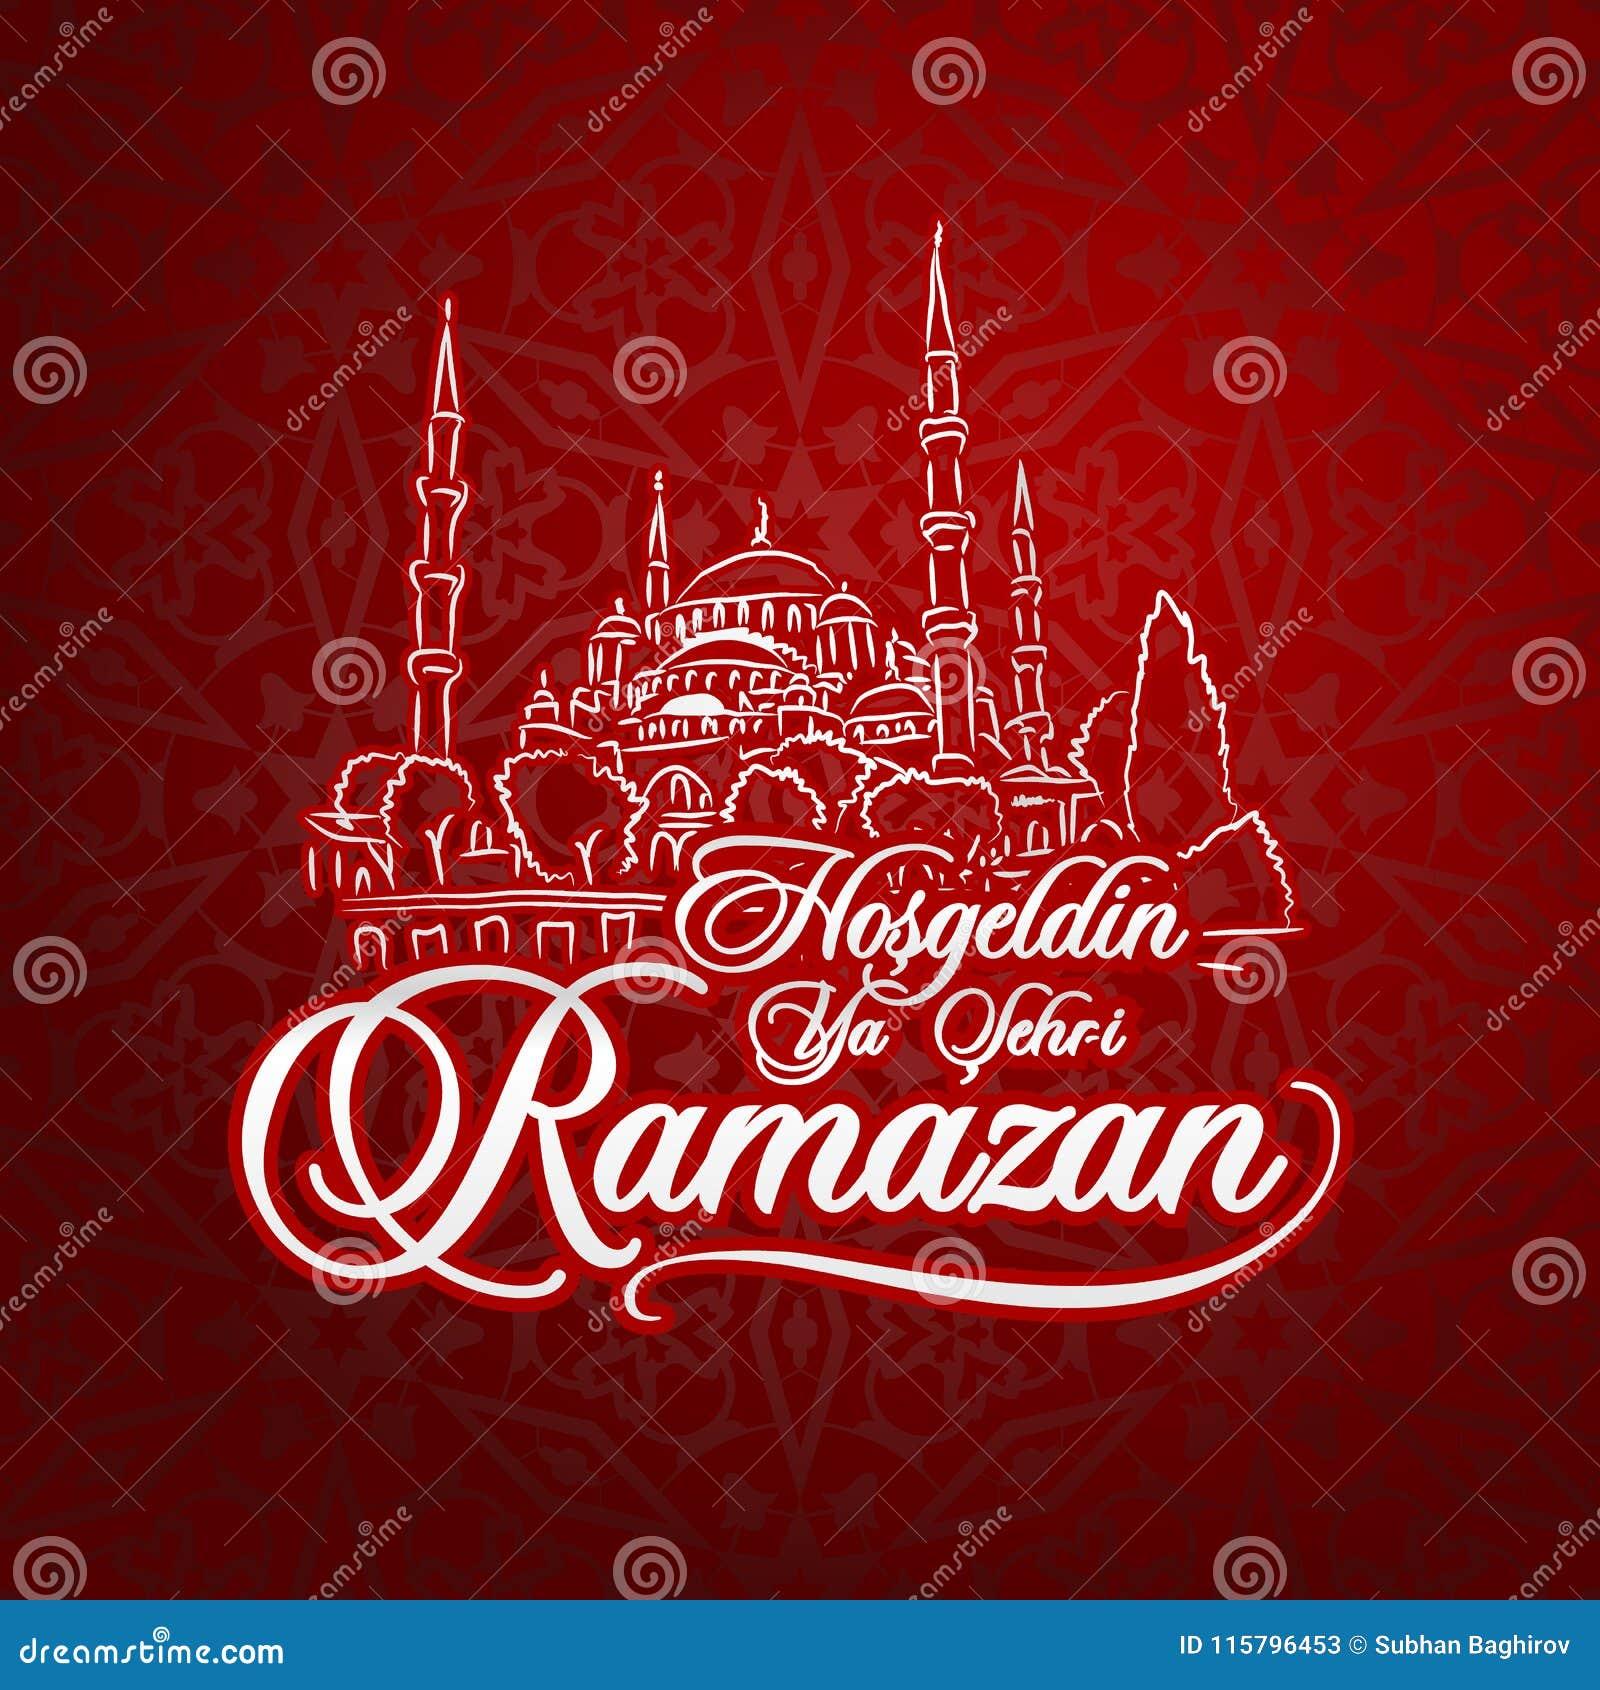 Hosgeldin ya sehri Ramazan Przekład od tureckiego: Witać Ramadan